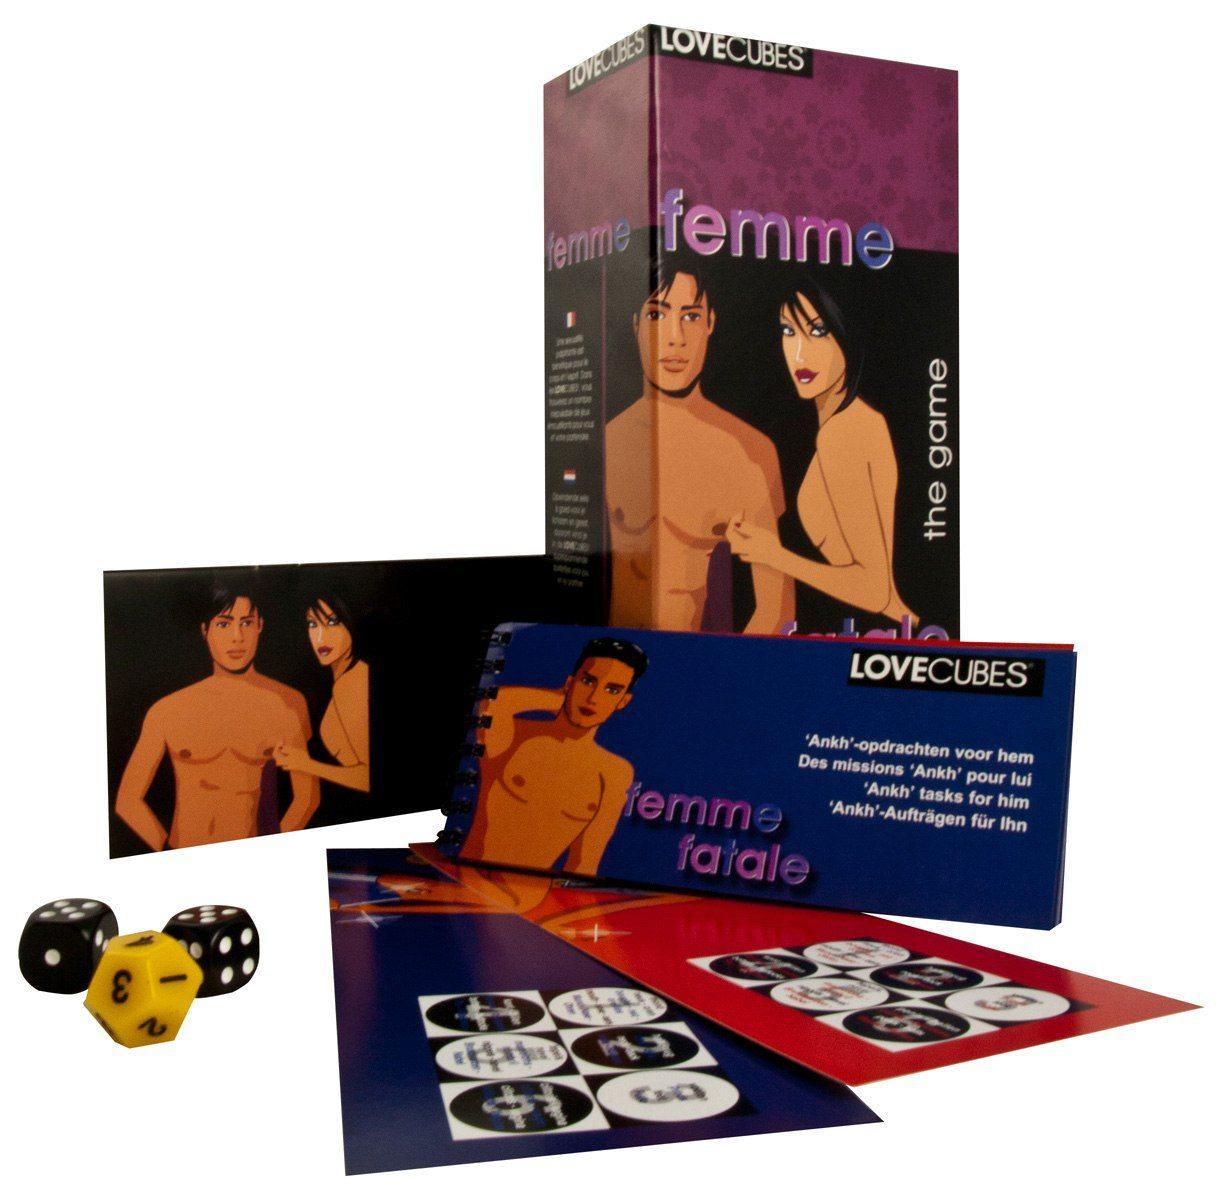 Love Cubes Femme Fatale